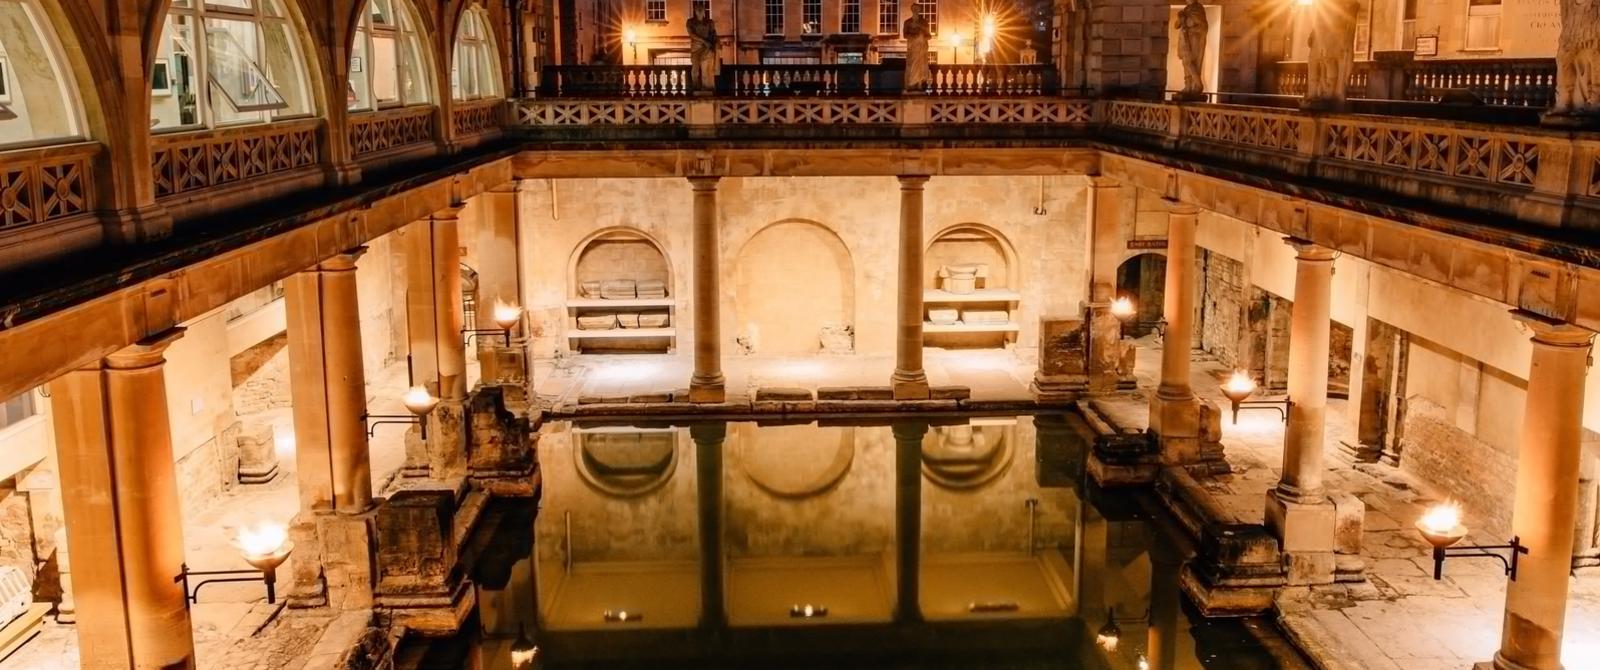 夏季限定!罗马浴场火把之夜:一场万人赶赴的火光盛宴图片